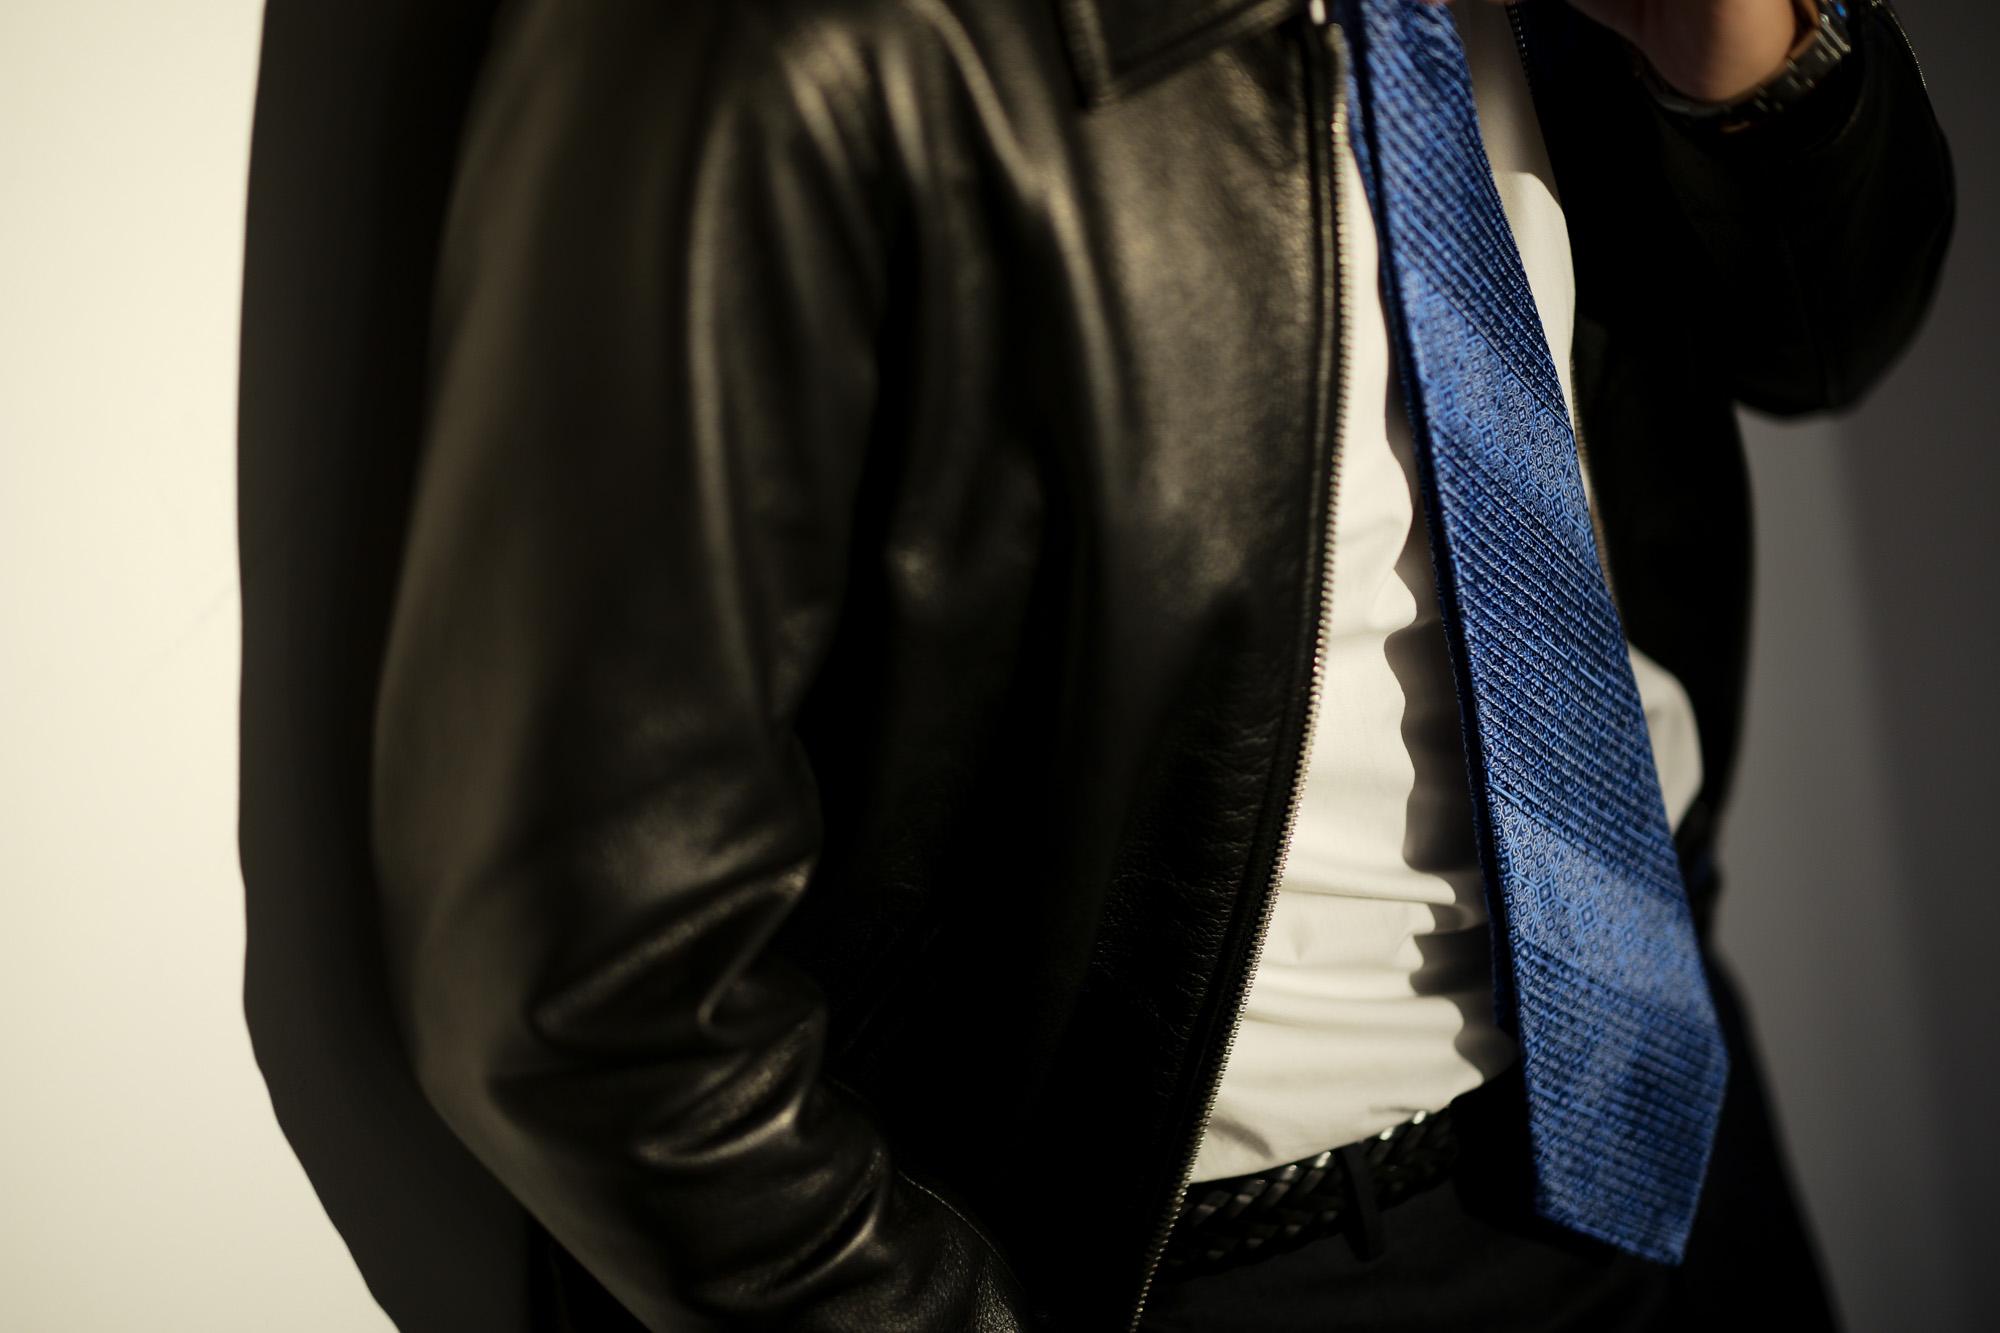 STEFANO RICCI (ステファノリッチ) PLEATS TIE (プリーツタイ) シルク プリント プリーツ ネクタイ SAX (サックス) Made in italy (イタリア製) 2018 秋冬新作 stefanoricci 愛知 名古屋 alto e diritto アルトエデリット altoediritto